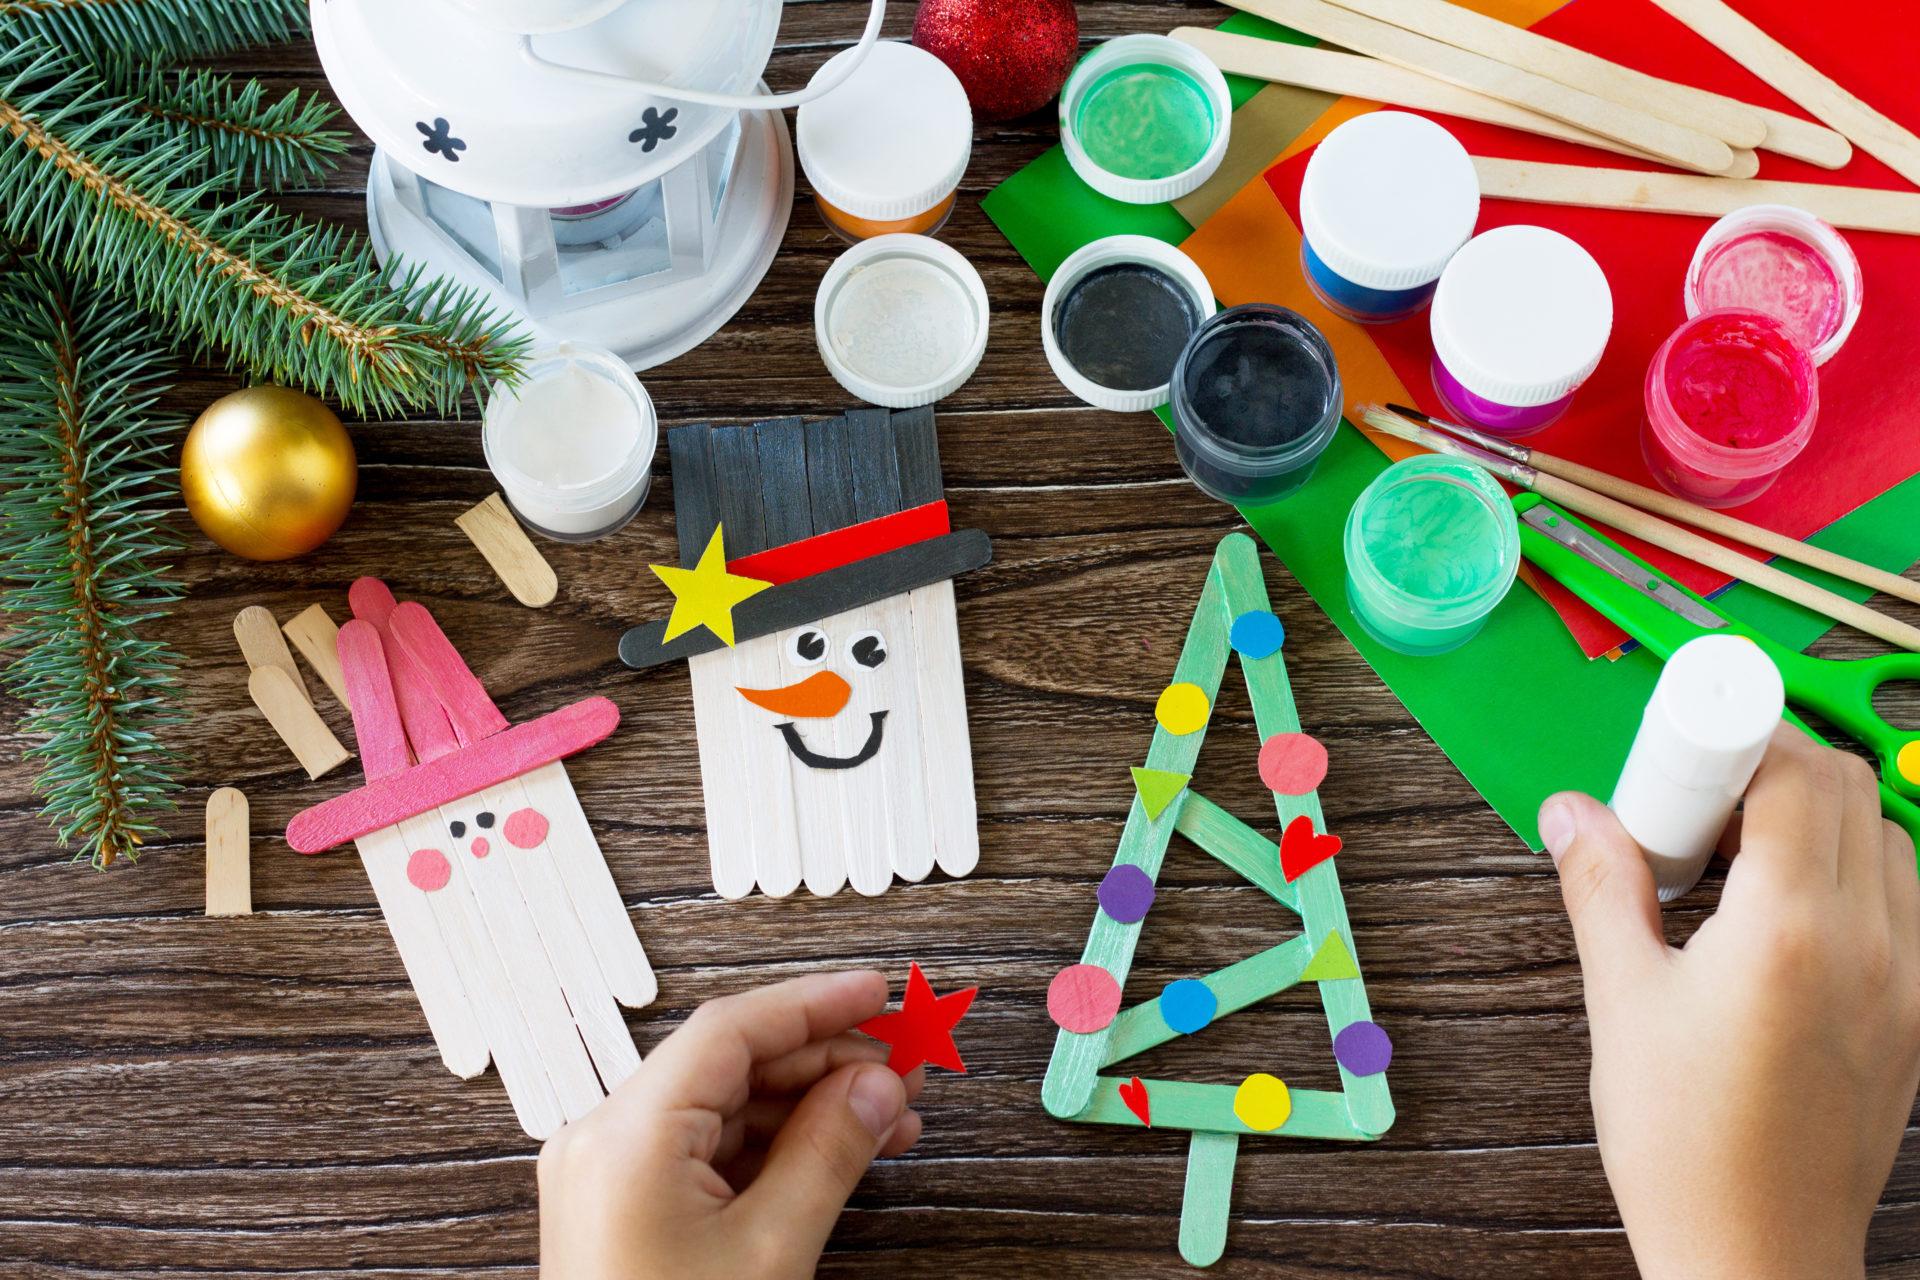 Décorer Son Sapin De Noël Avec Des Objets Fabriqués Par Les à Bricolage De Noel Pour Maternelle